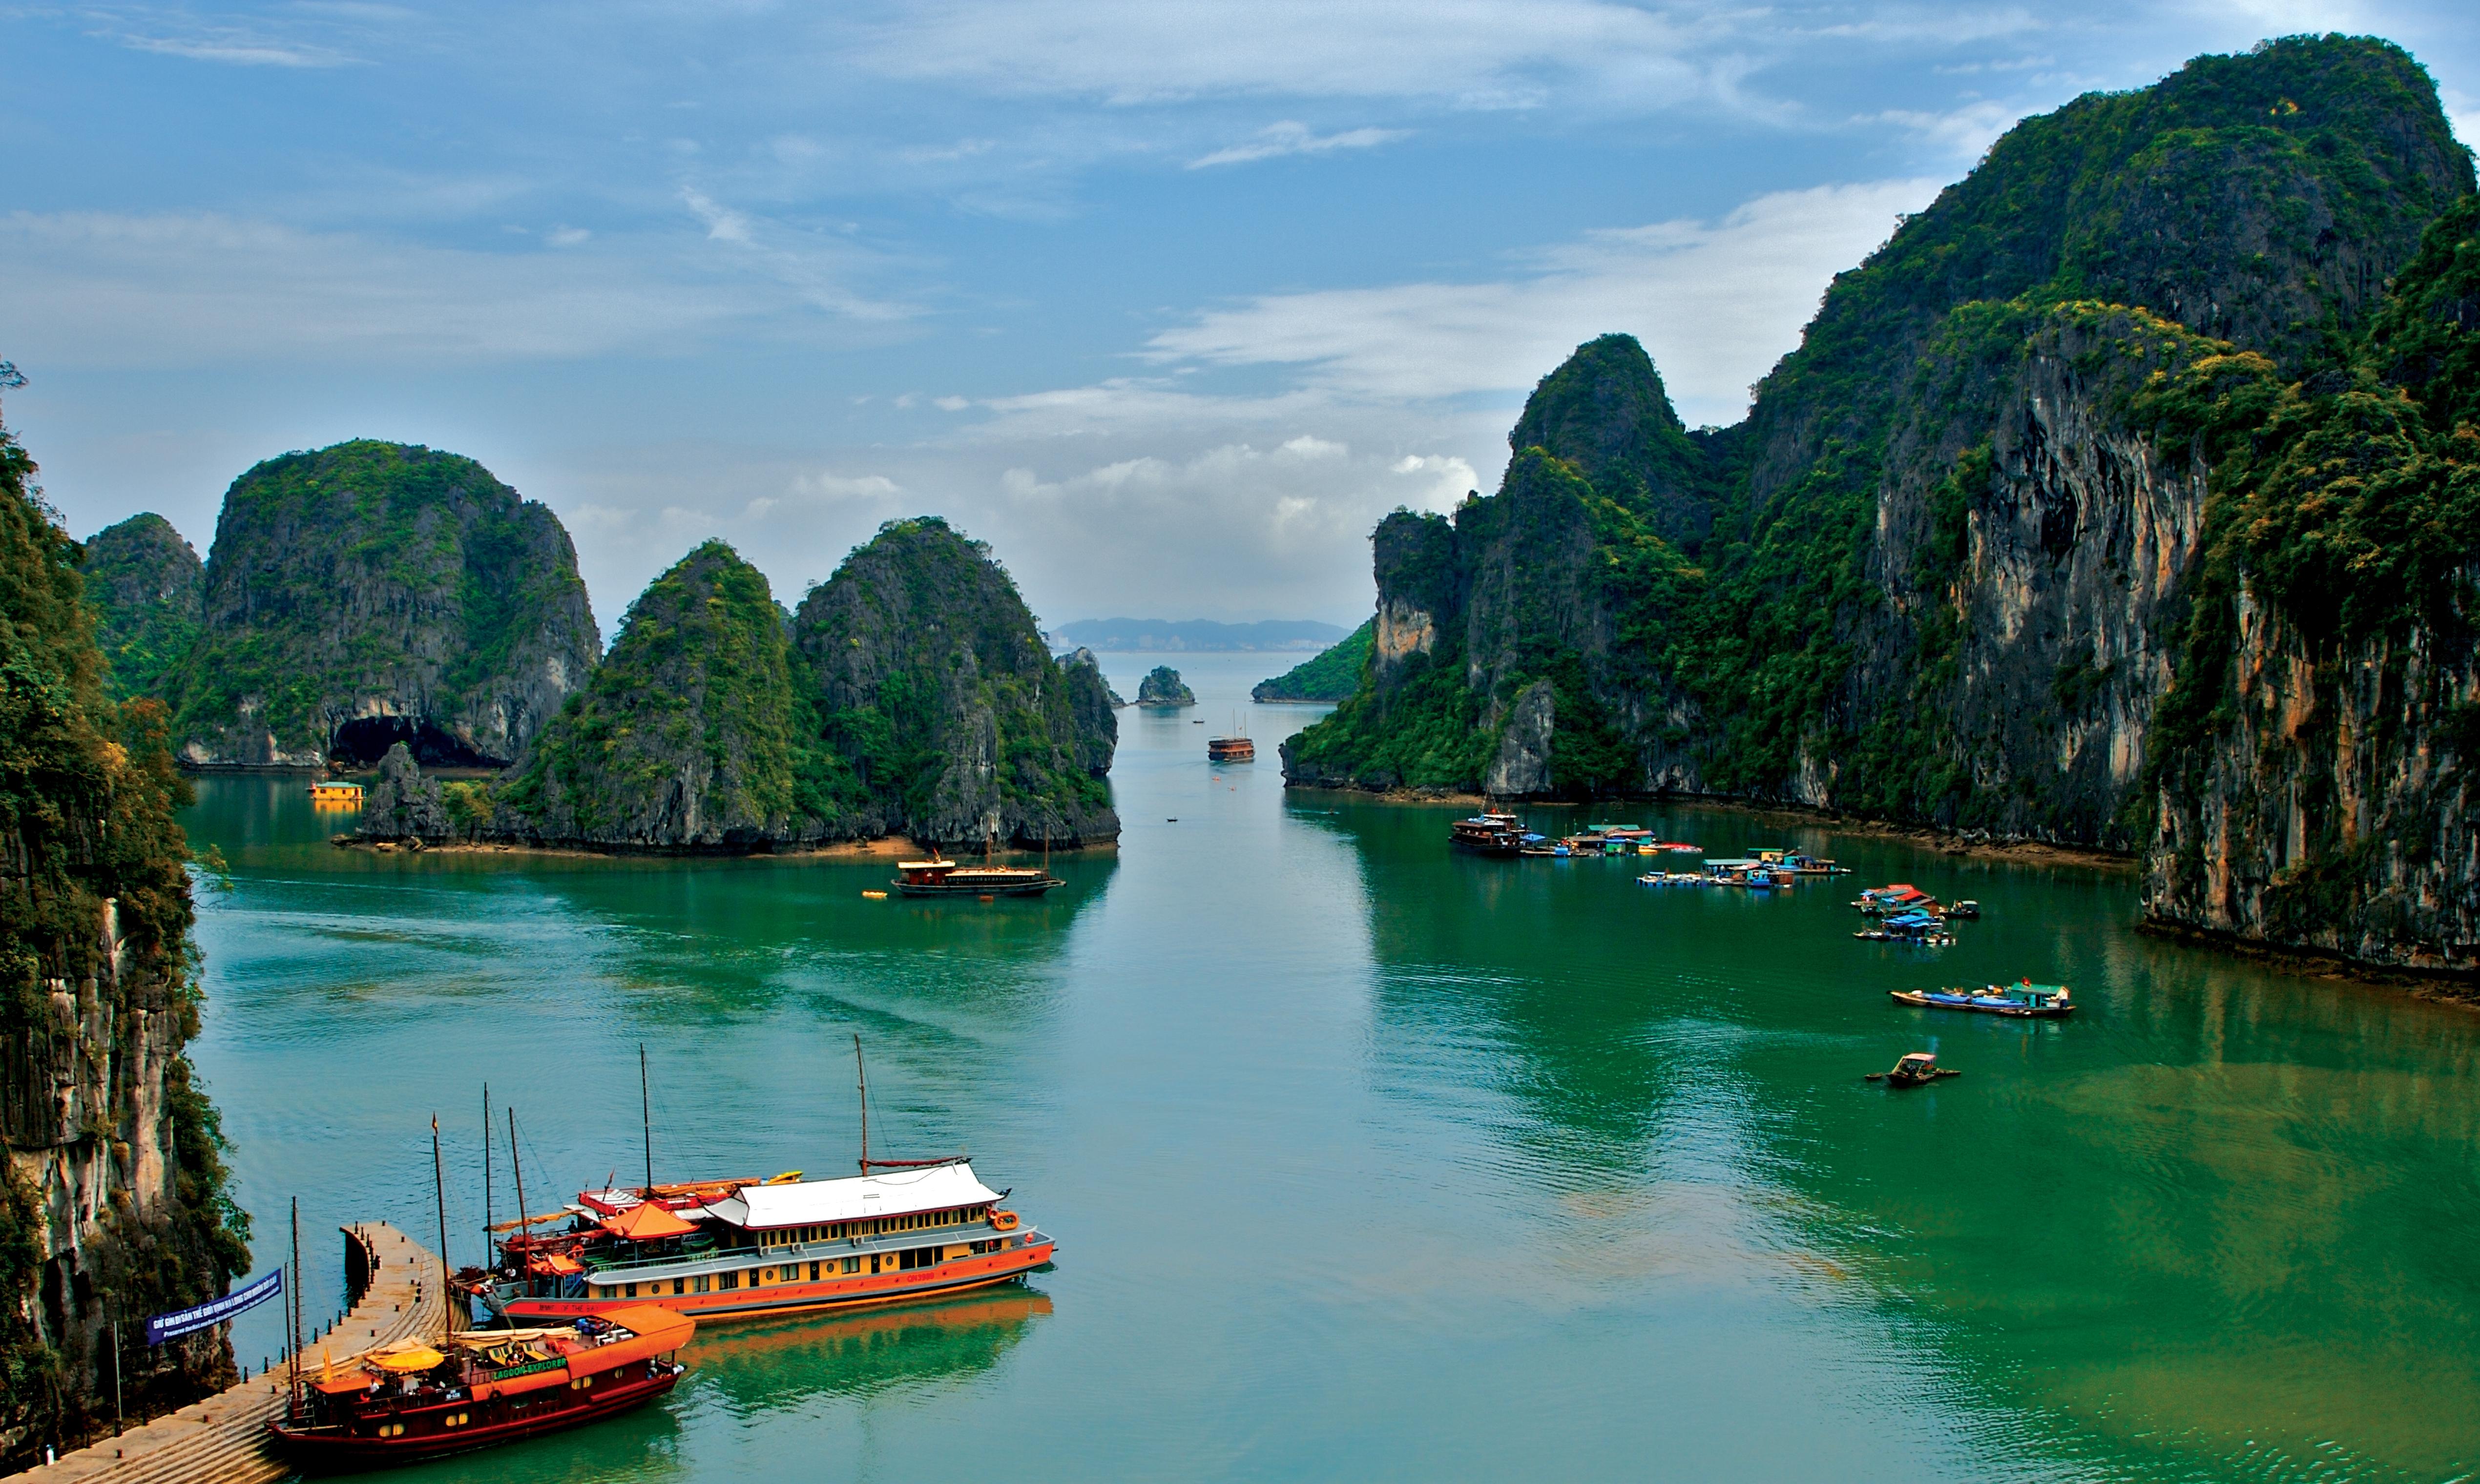 78954壁紙のダウンロード自然, ベトナム, 熱帯, 海-スクリーンセーバーと写真を無料で